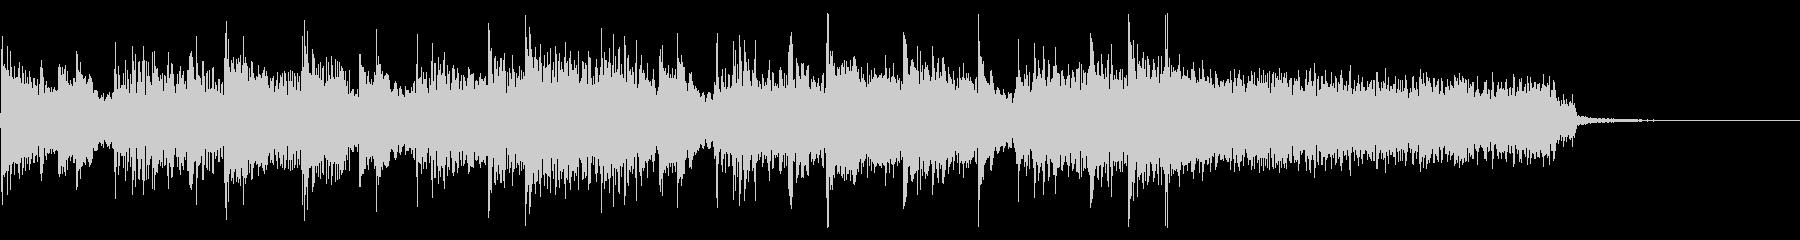 インパクトあるロックなジングル28の未再生の波形